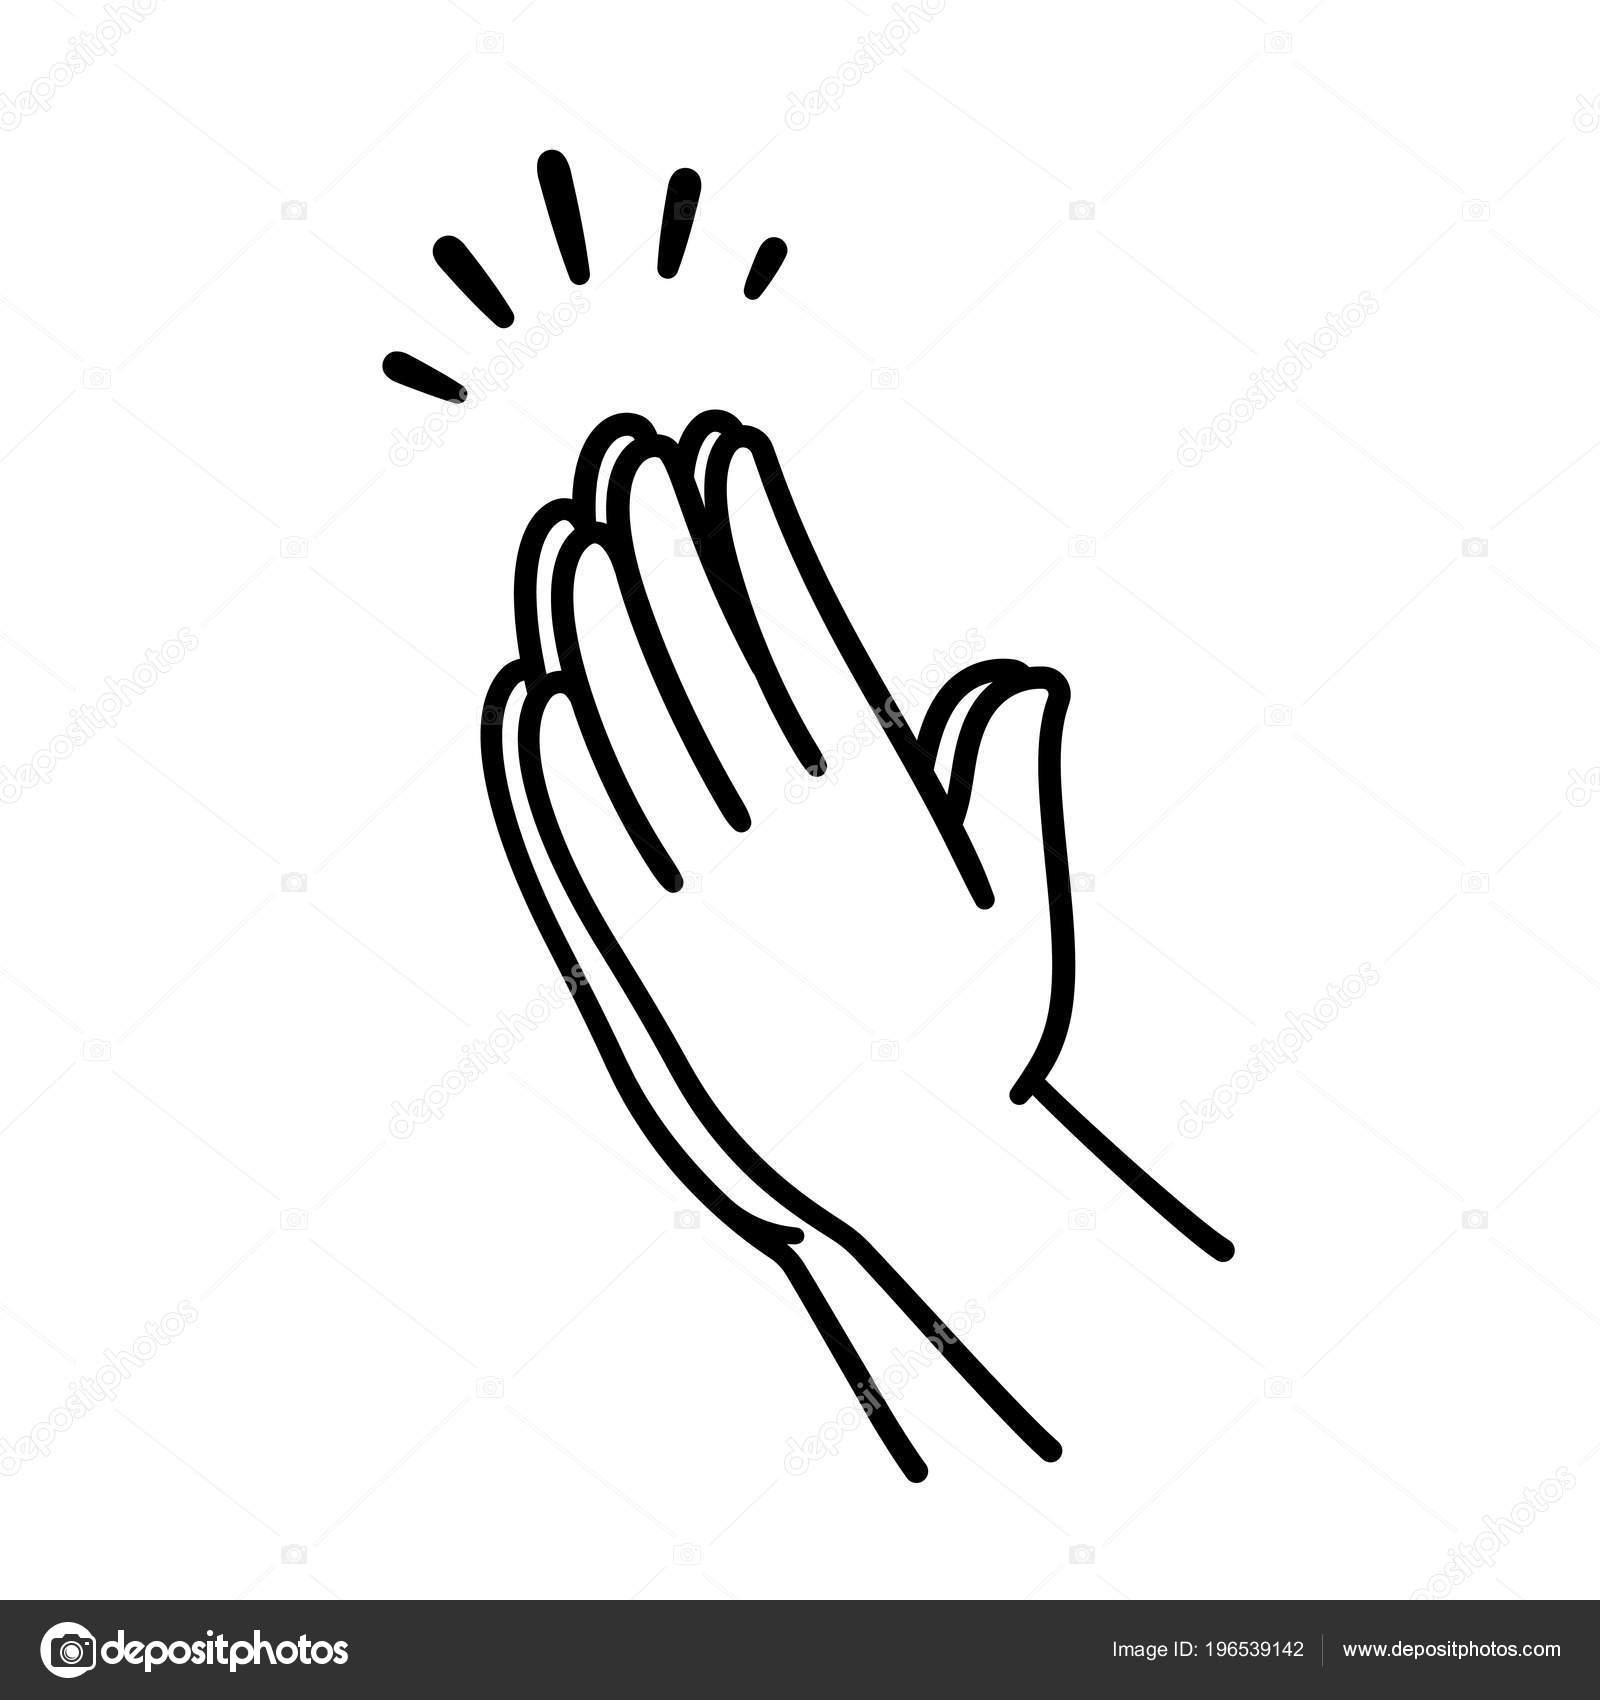 hand waving drawing - 800×800